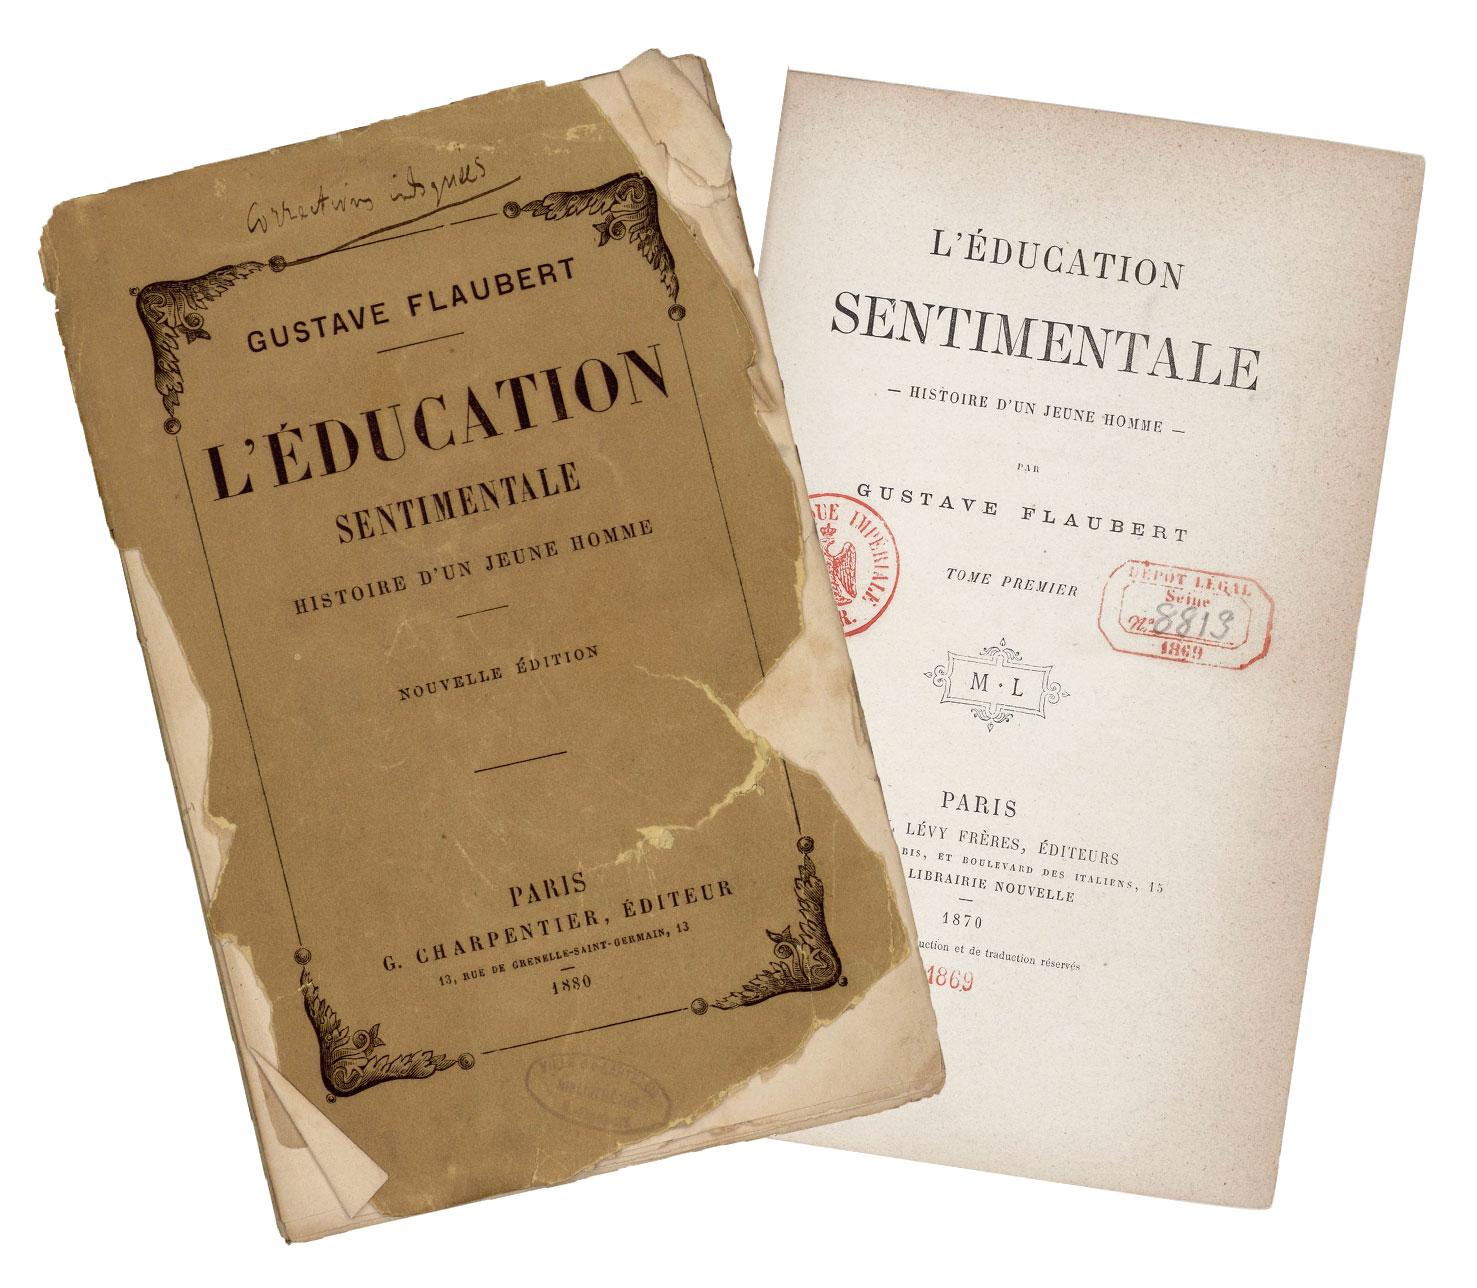 Gustave Flaubert : <em>L'Éducation sentimentale</em> en ligne sur la plateforme Variance